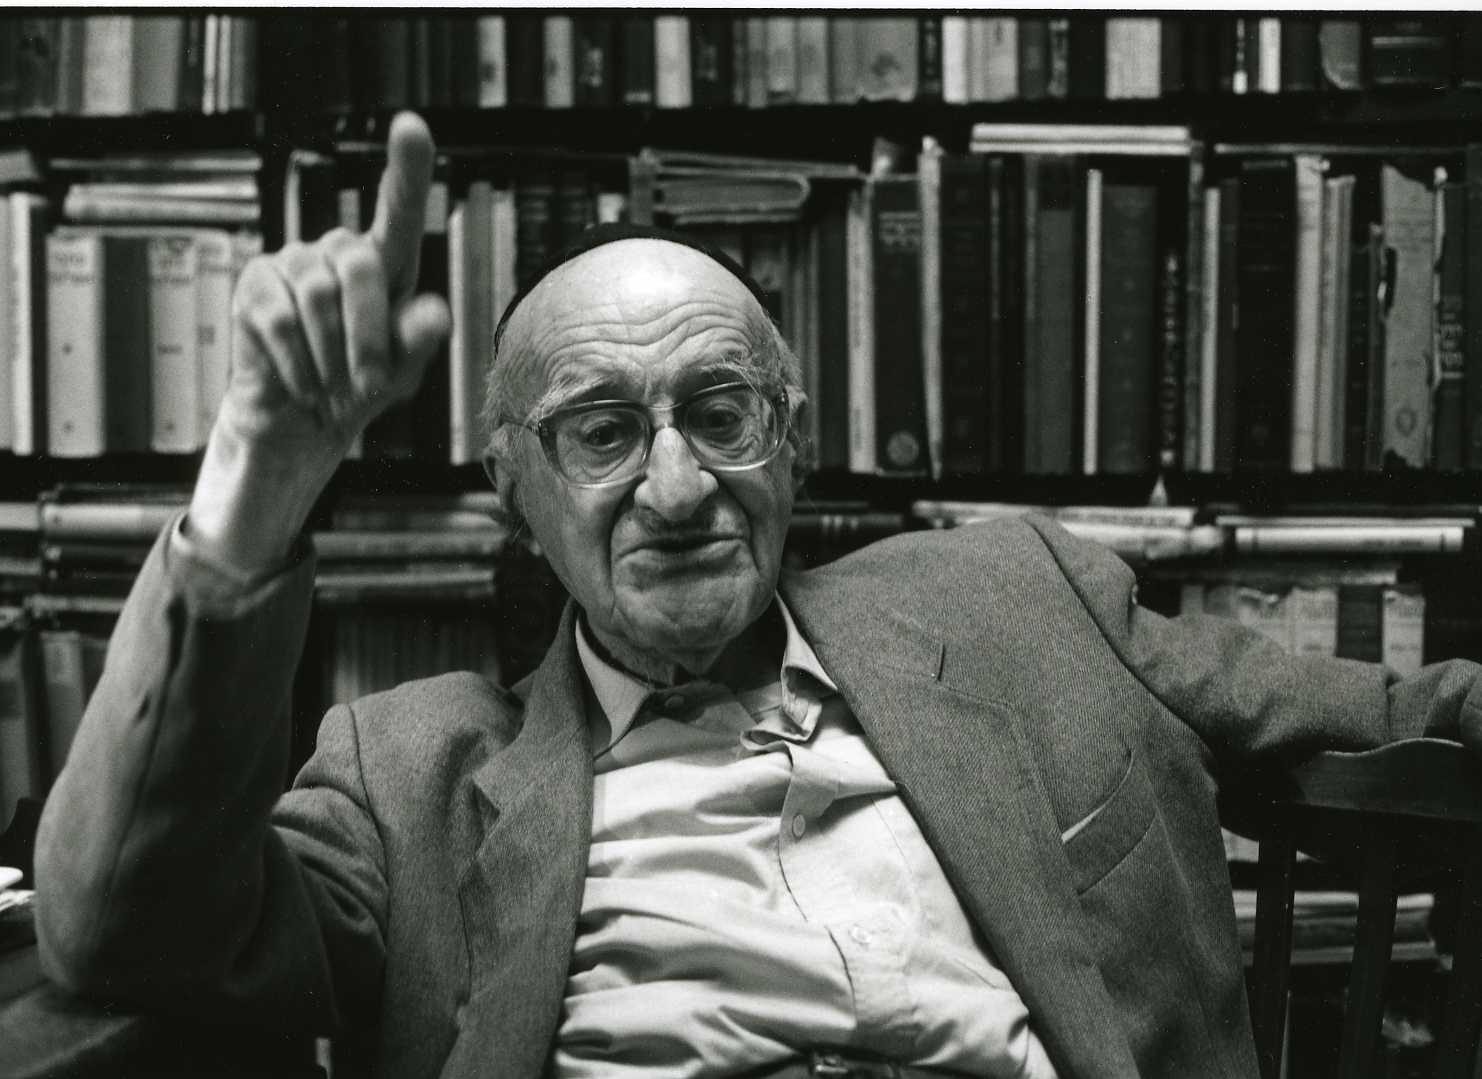 Yeshayahu Leibovitz